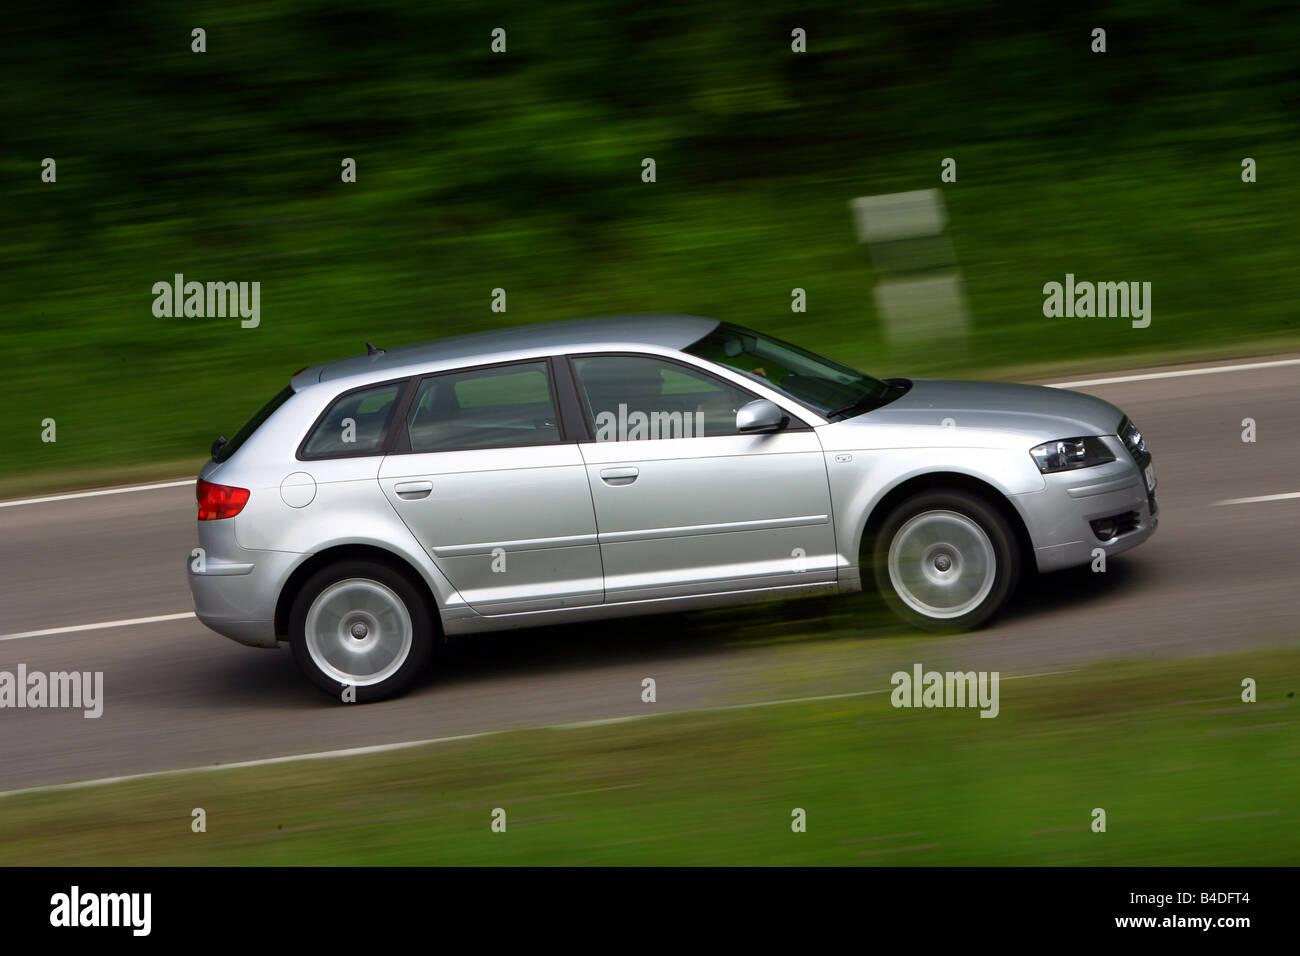 Kelebihan Kekurangan Audi A3 2007 Top Model Tahun Ini